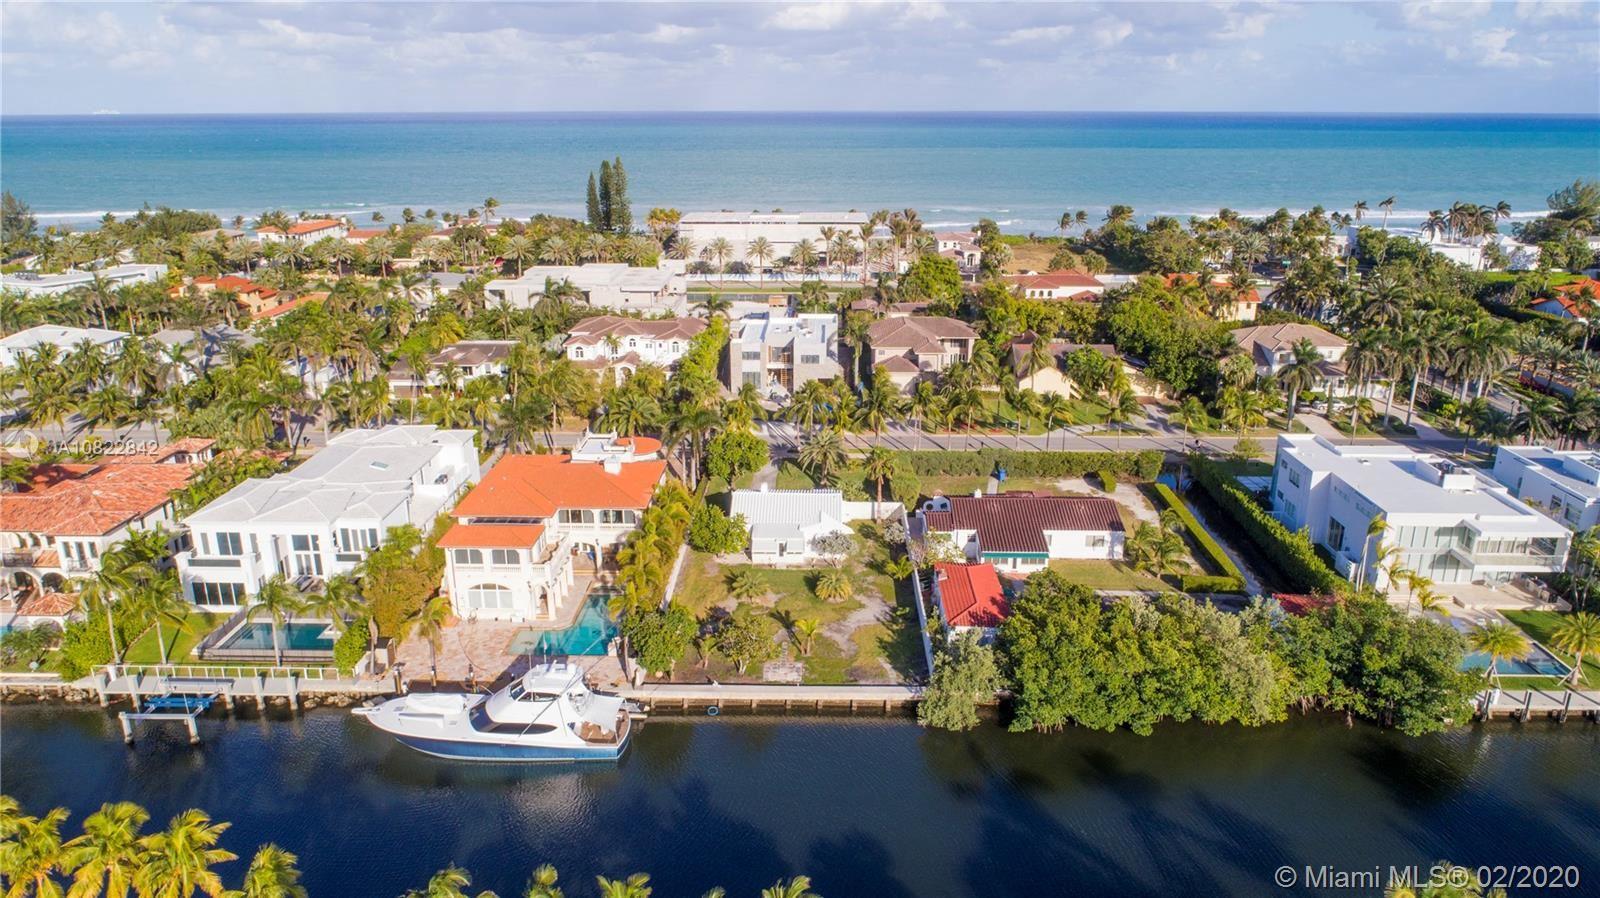 Photo of 422 Golden Beach Dr, Golden Beach, FL 33160 (MLS # A10822842)